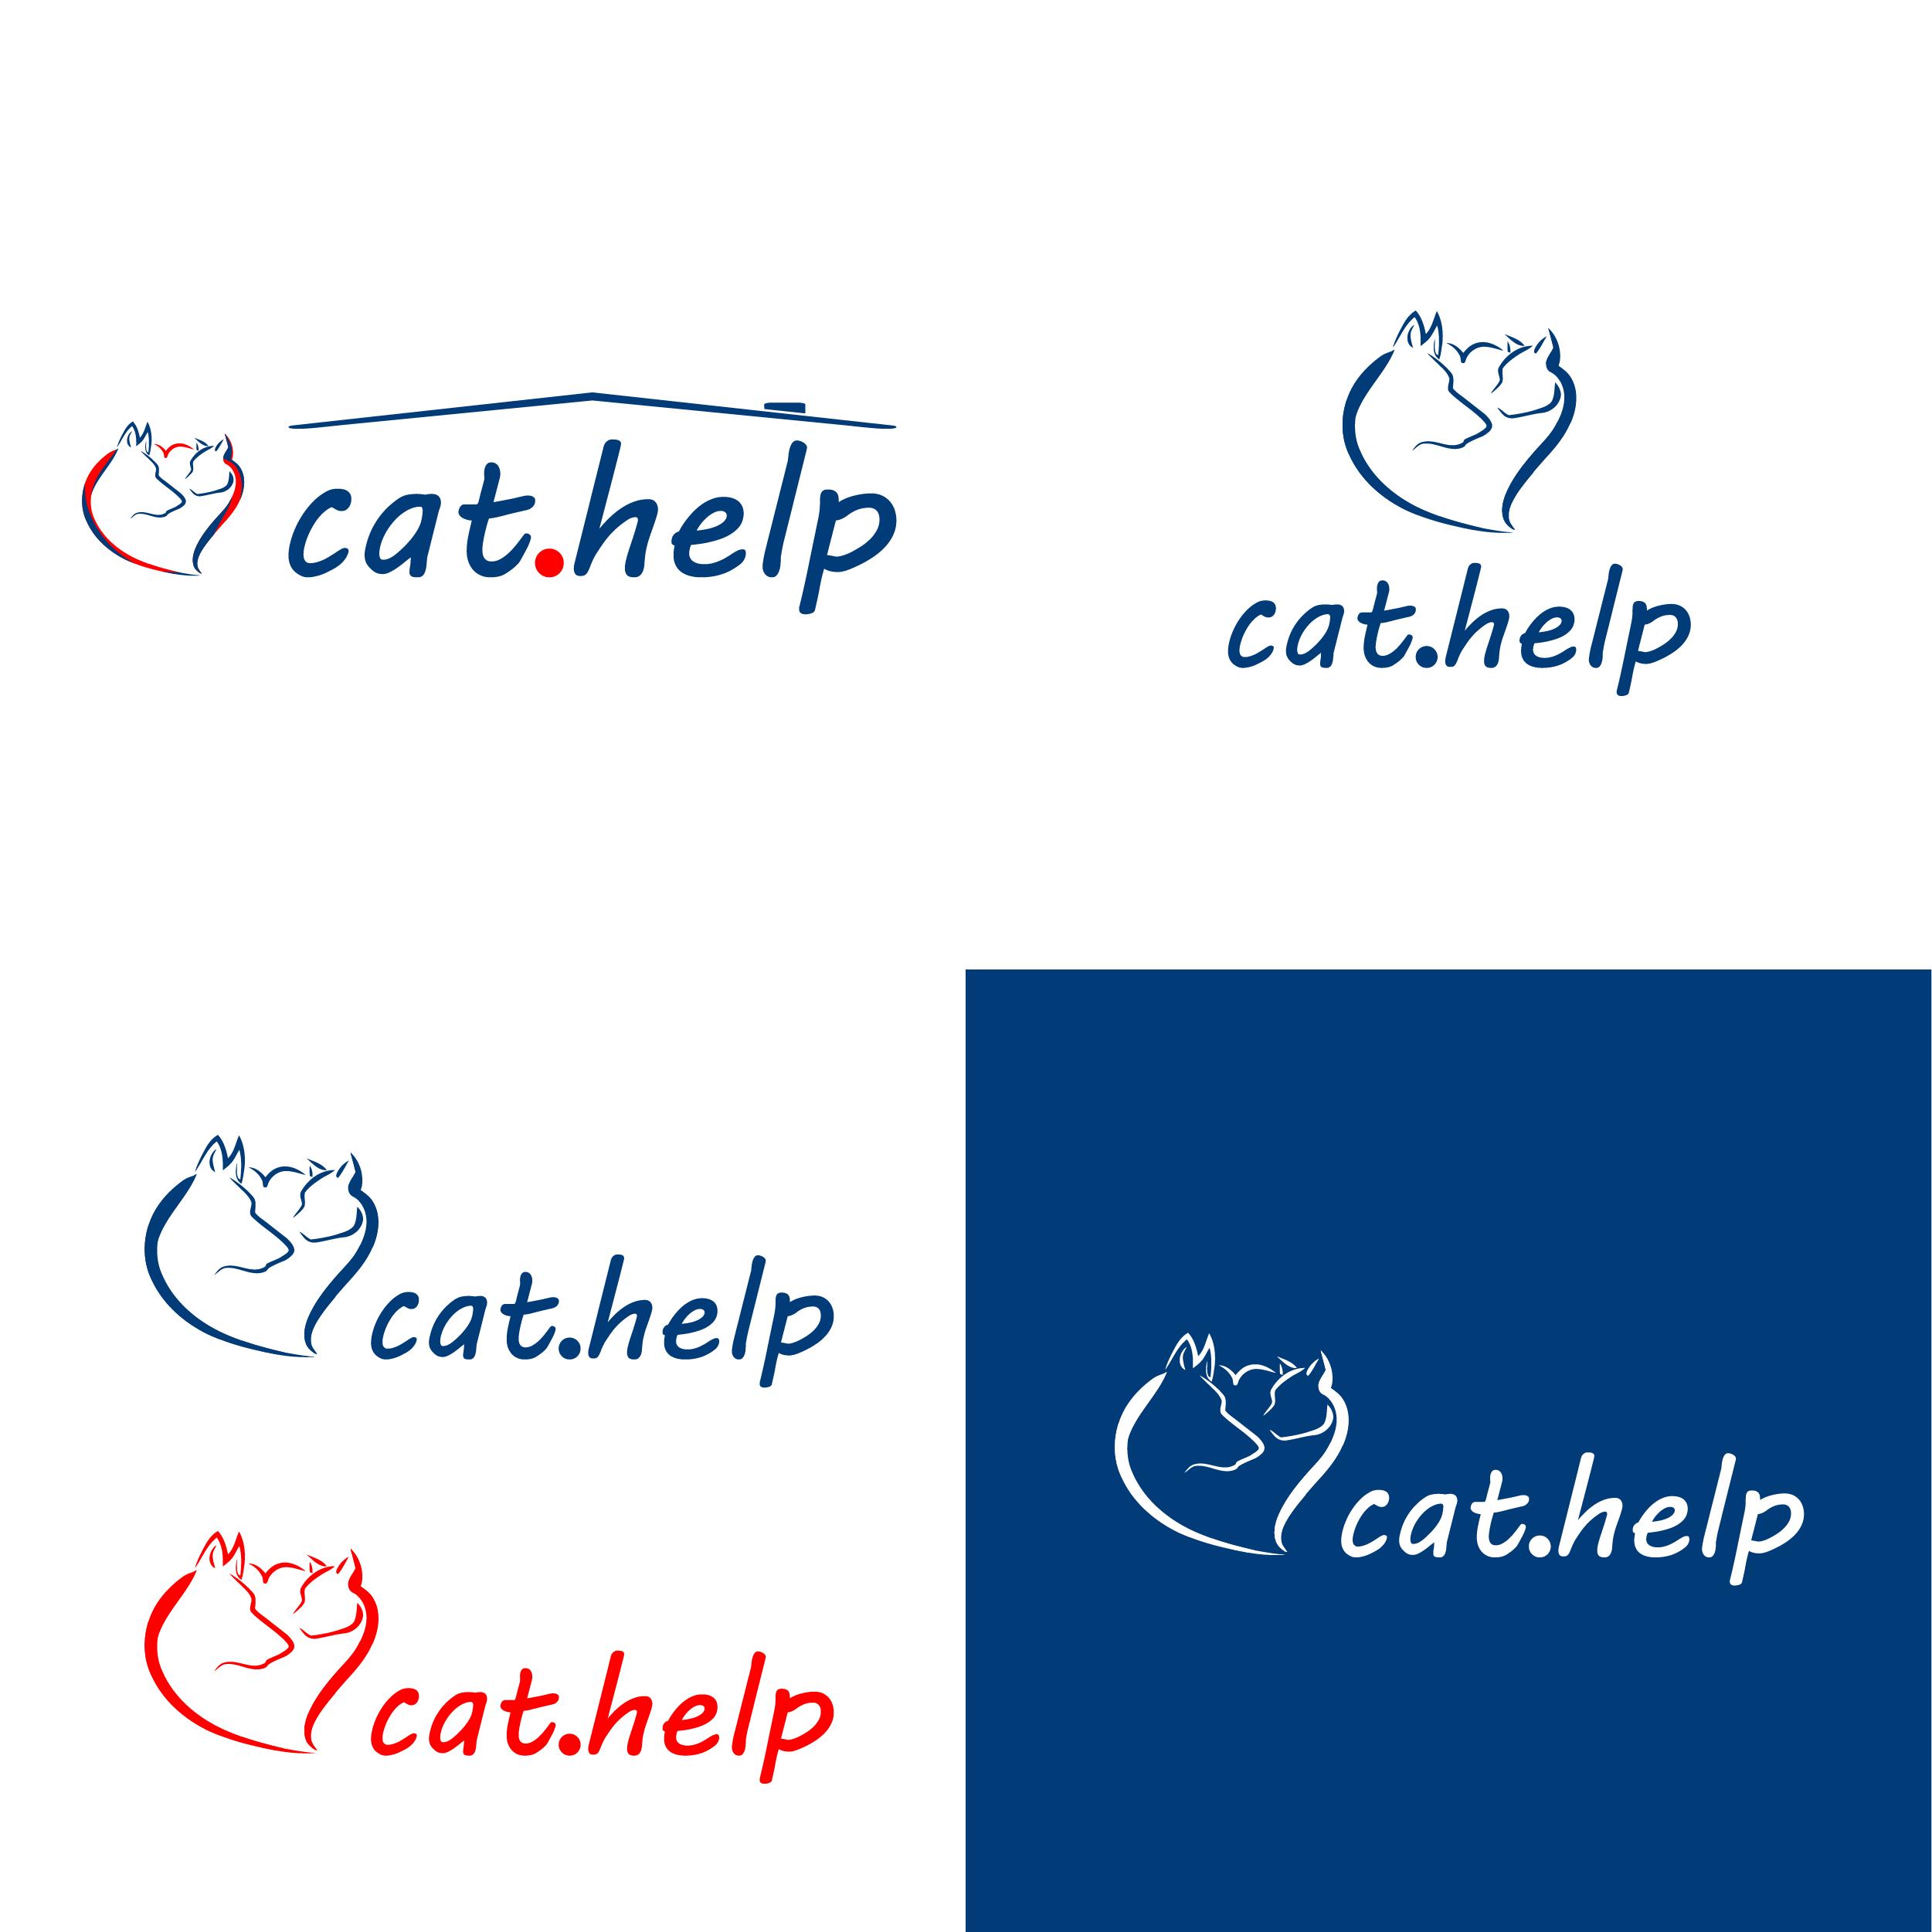 логотип для сайта и группы вк - cat.help фото f_53059df3ec527b06.png